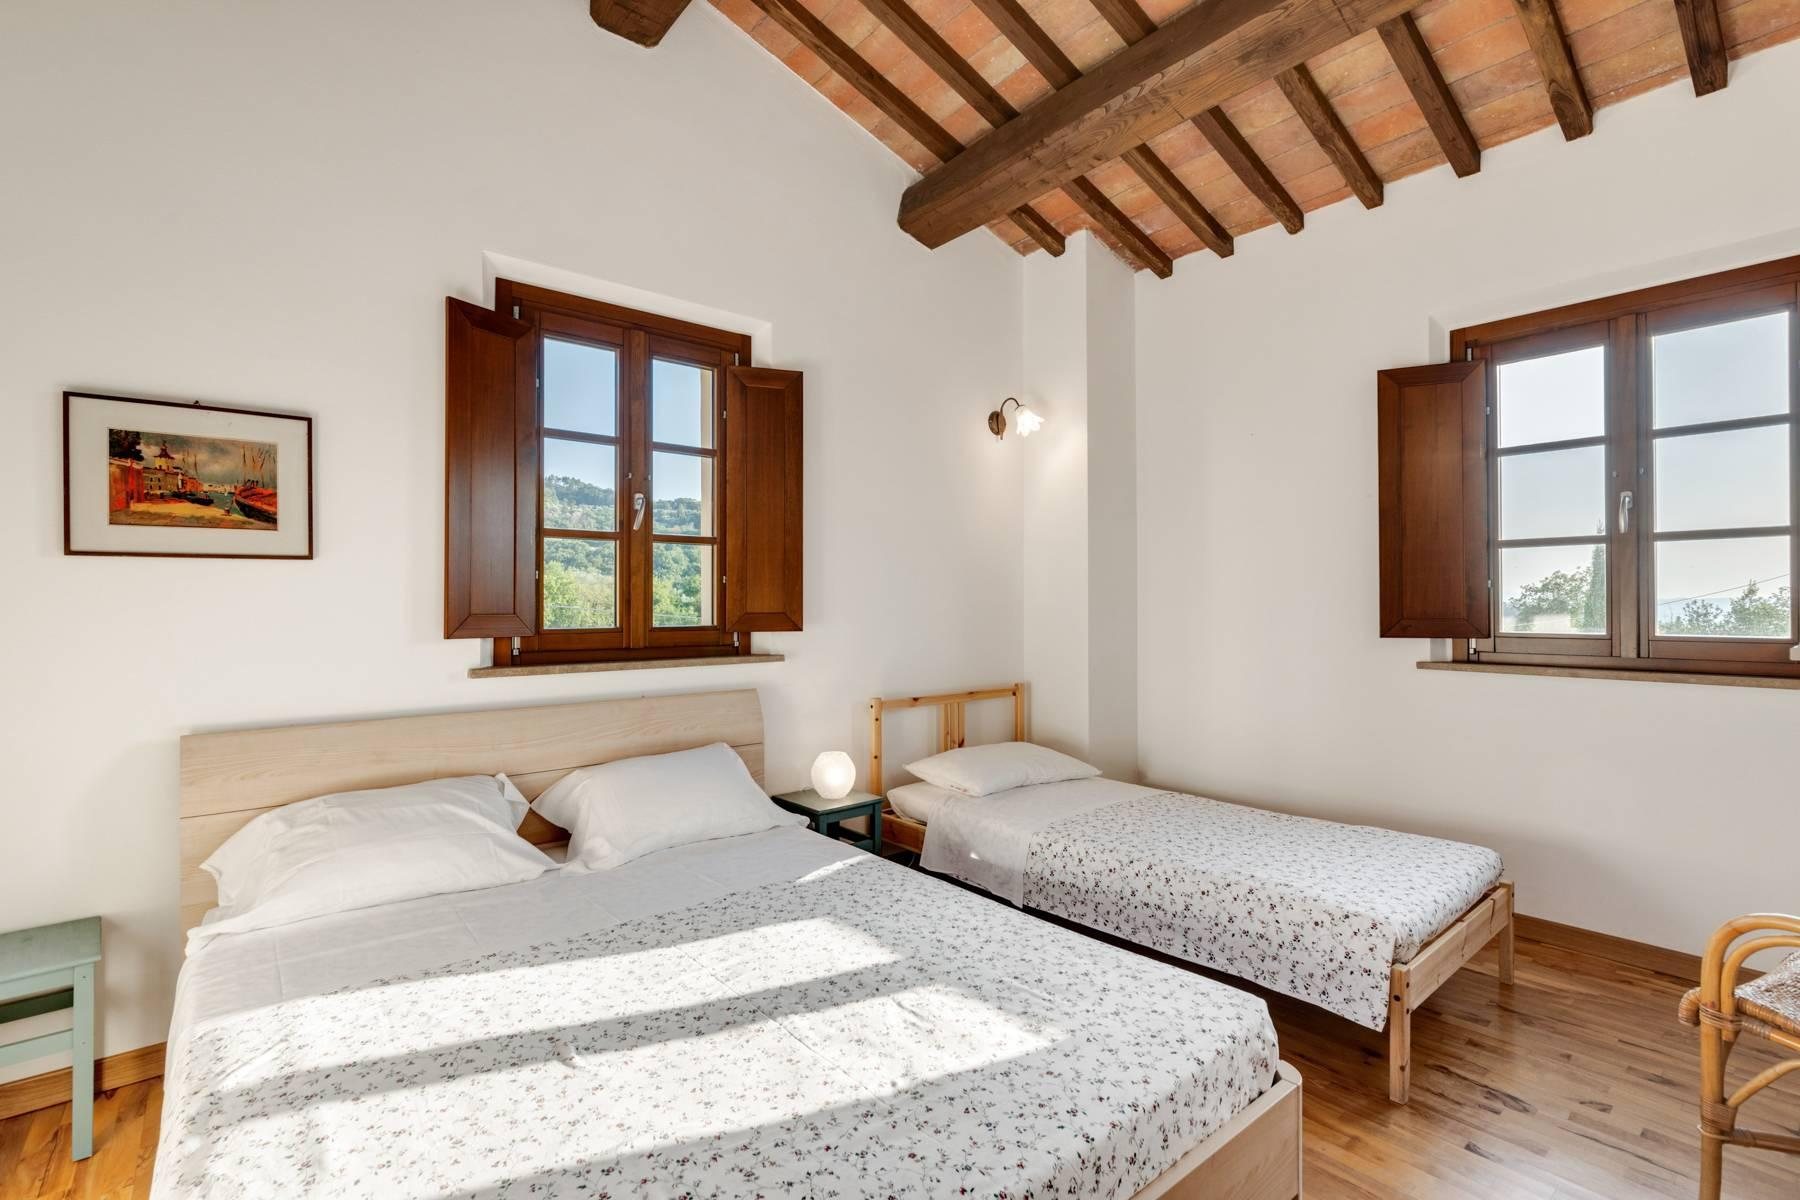 Charmante maison de campagne avec piscine sur les collines toscanes - 20